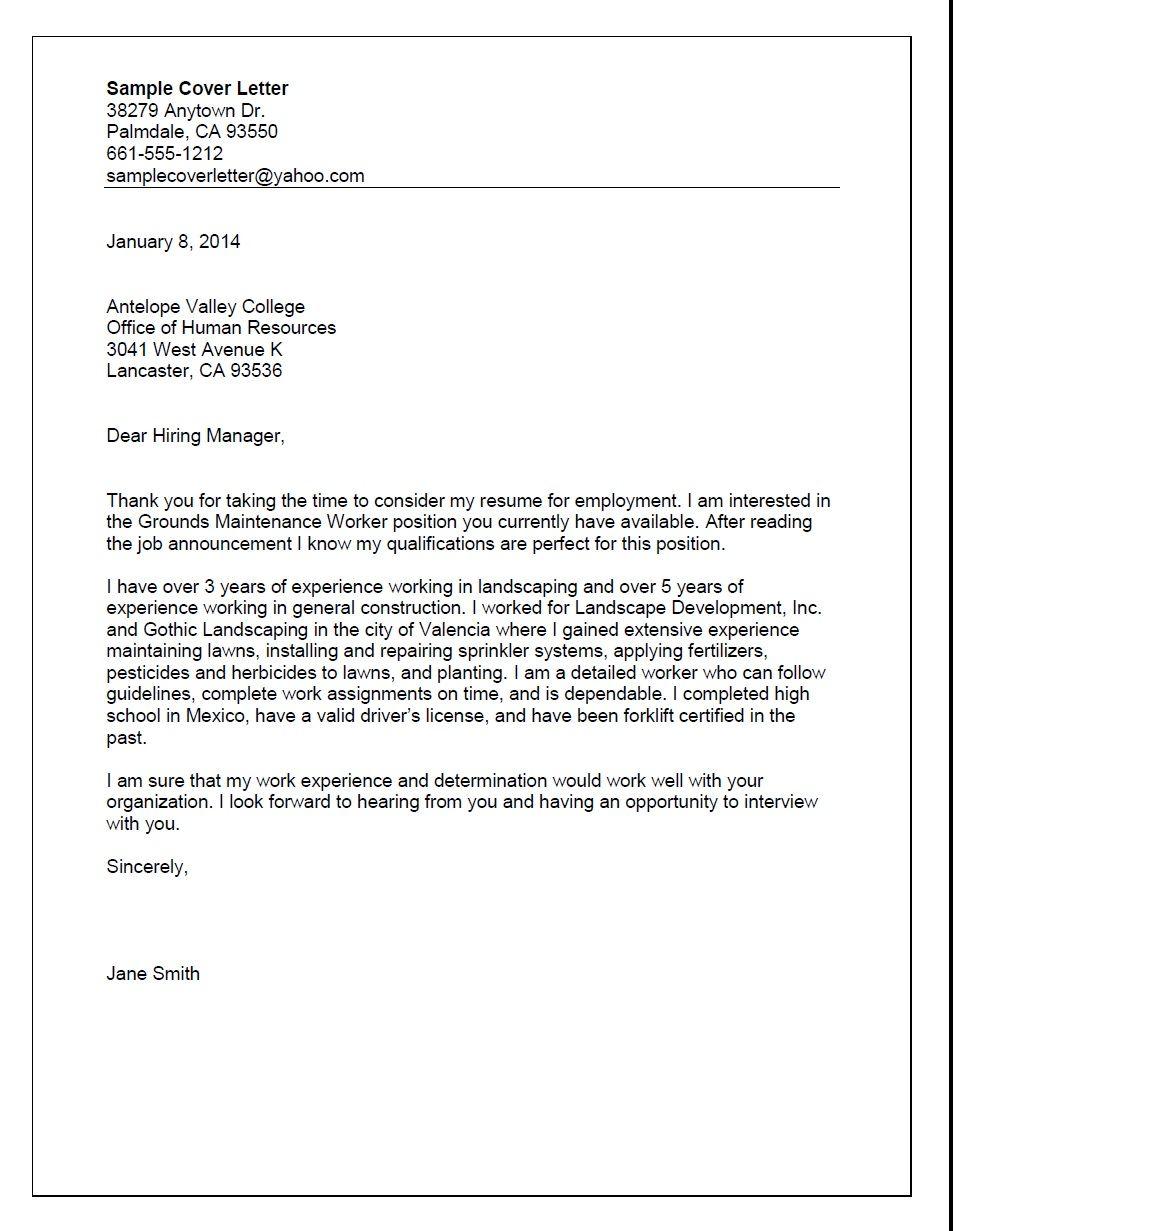 sample cover letter cover, business jobs description for receptionist resume dot net developer experience 5 years devops engineer